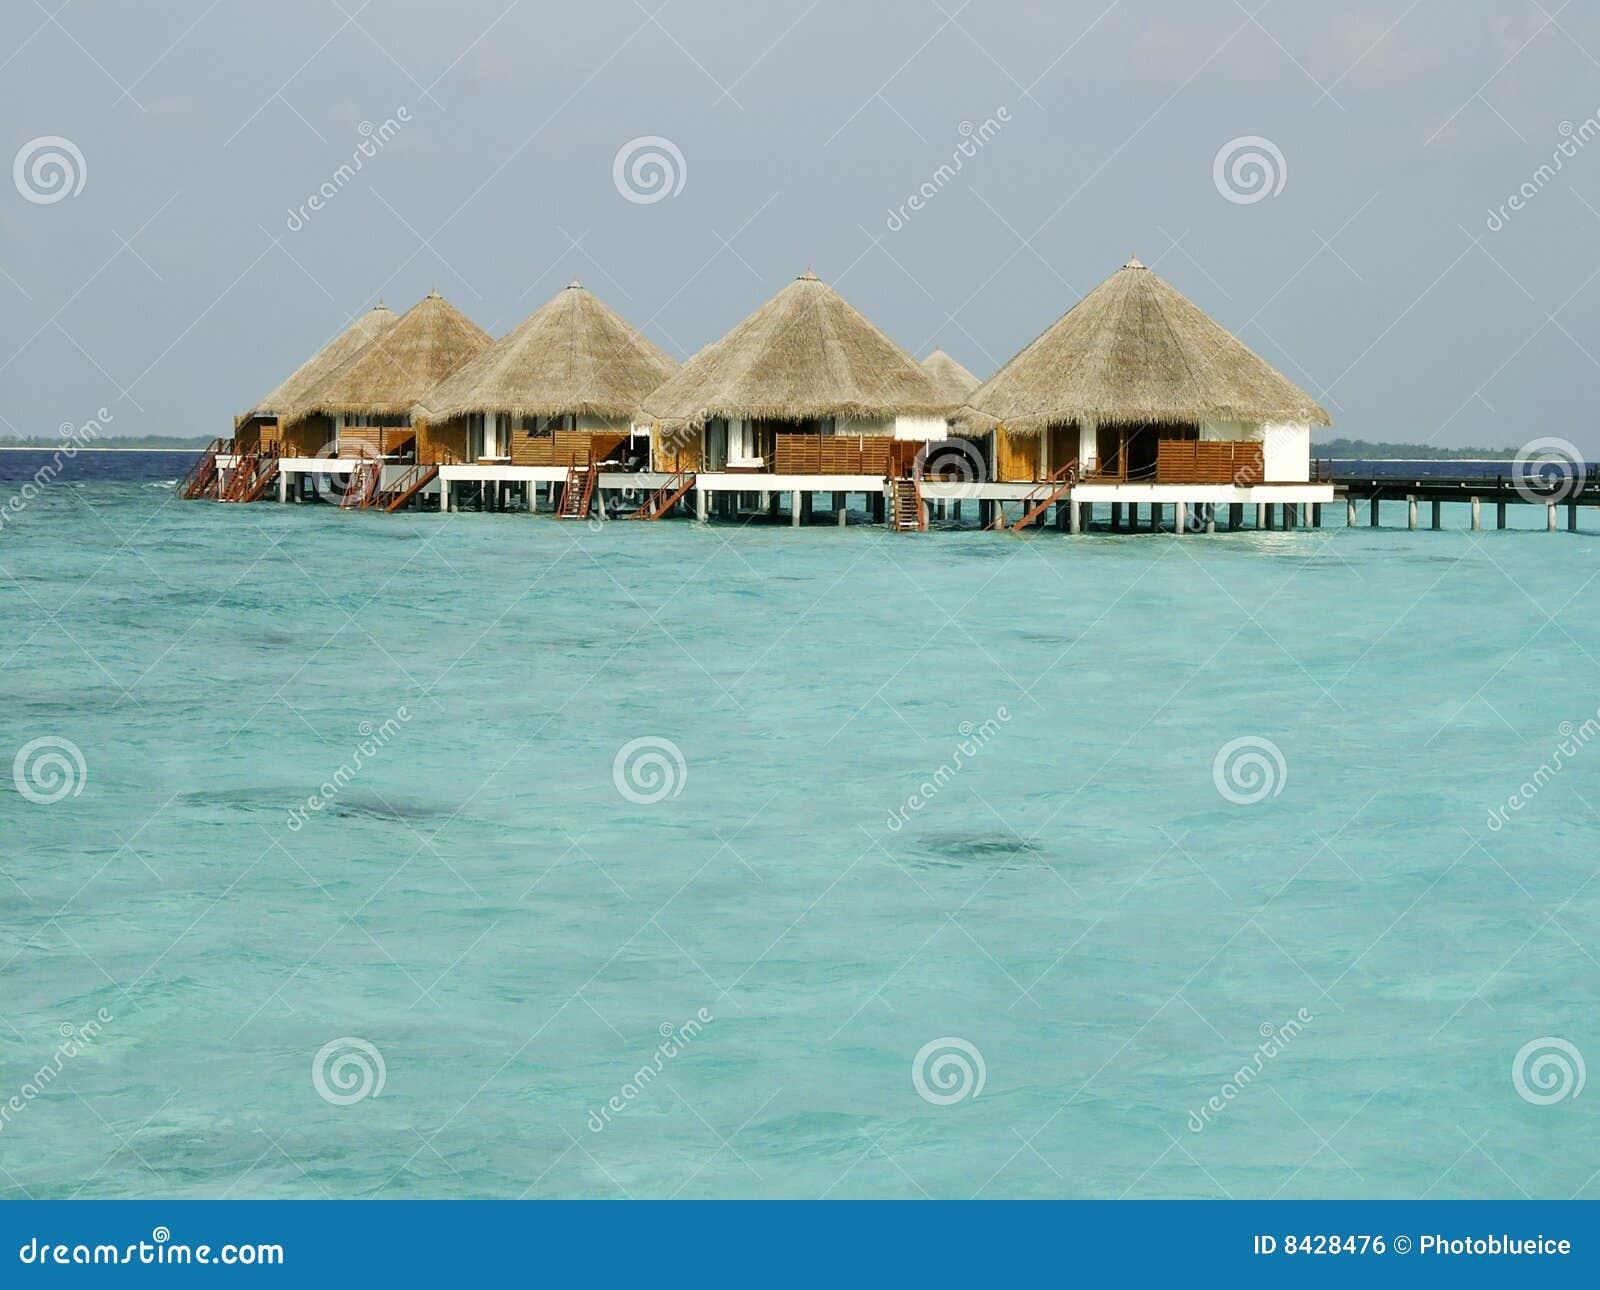 Playa y caba as tropicales en la isla de maldives foto de - Cabanas en la playa ...